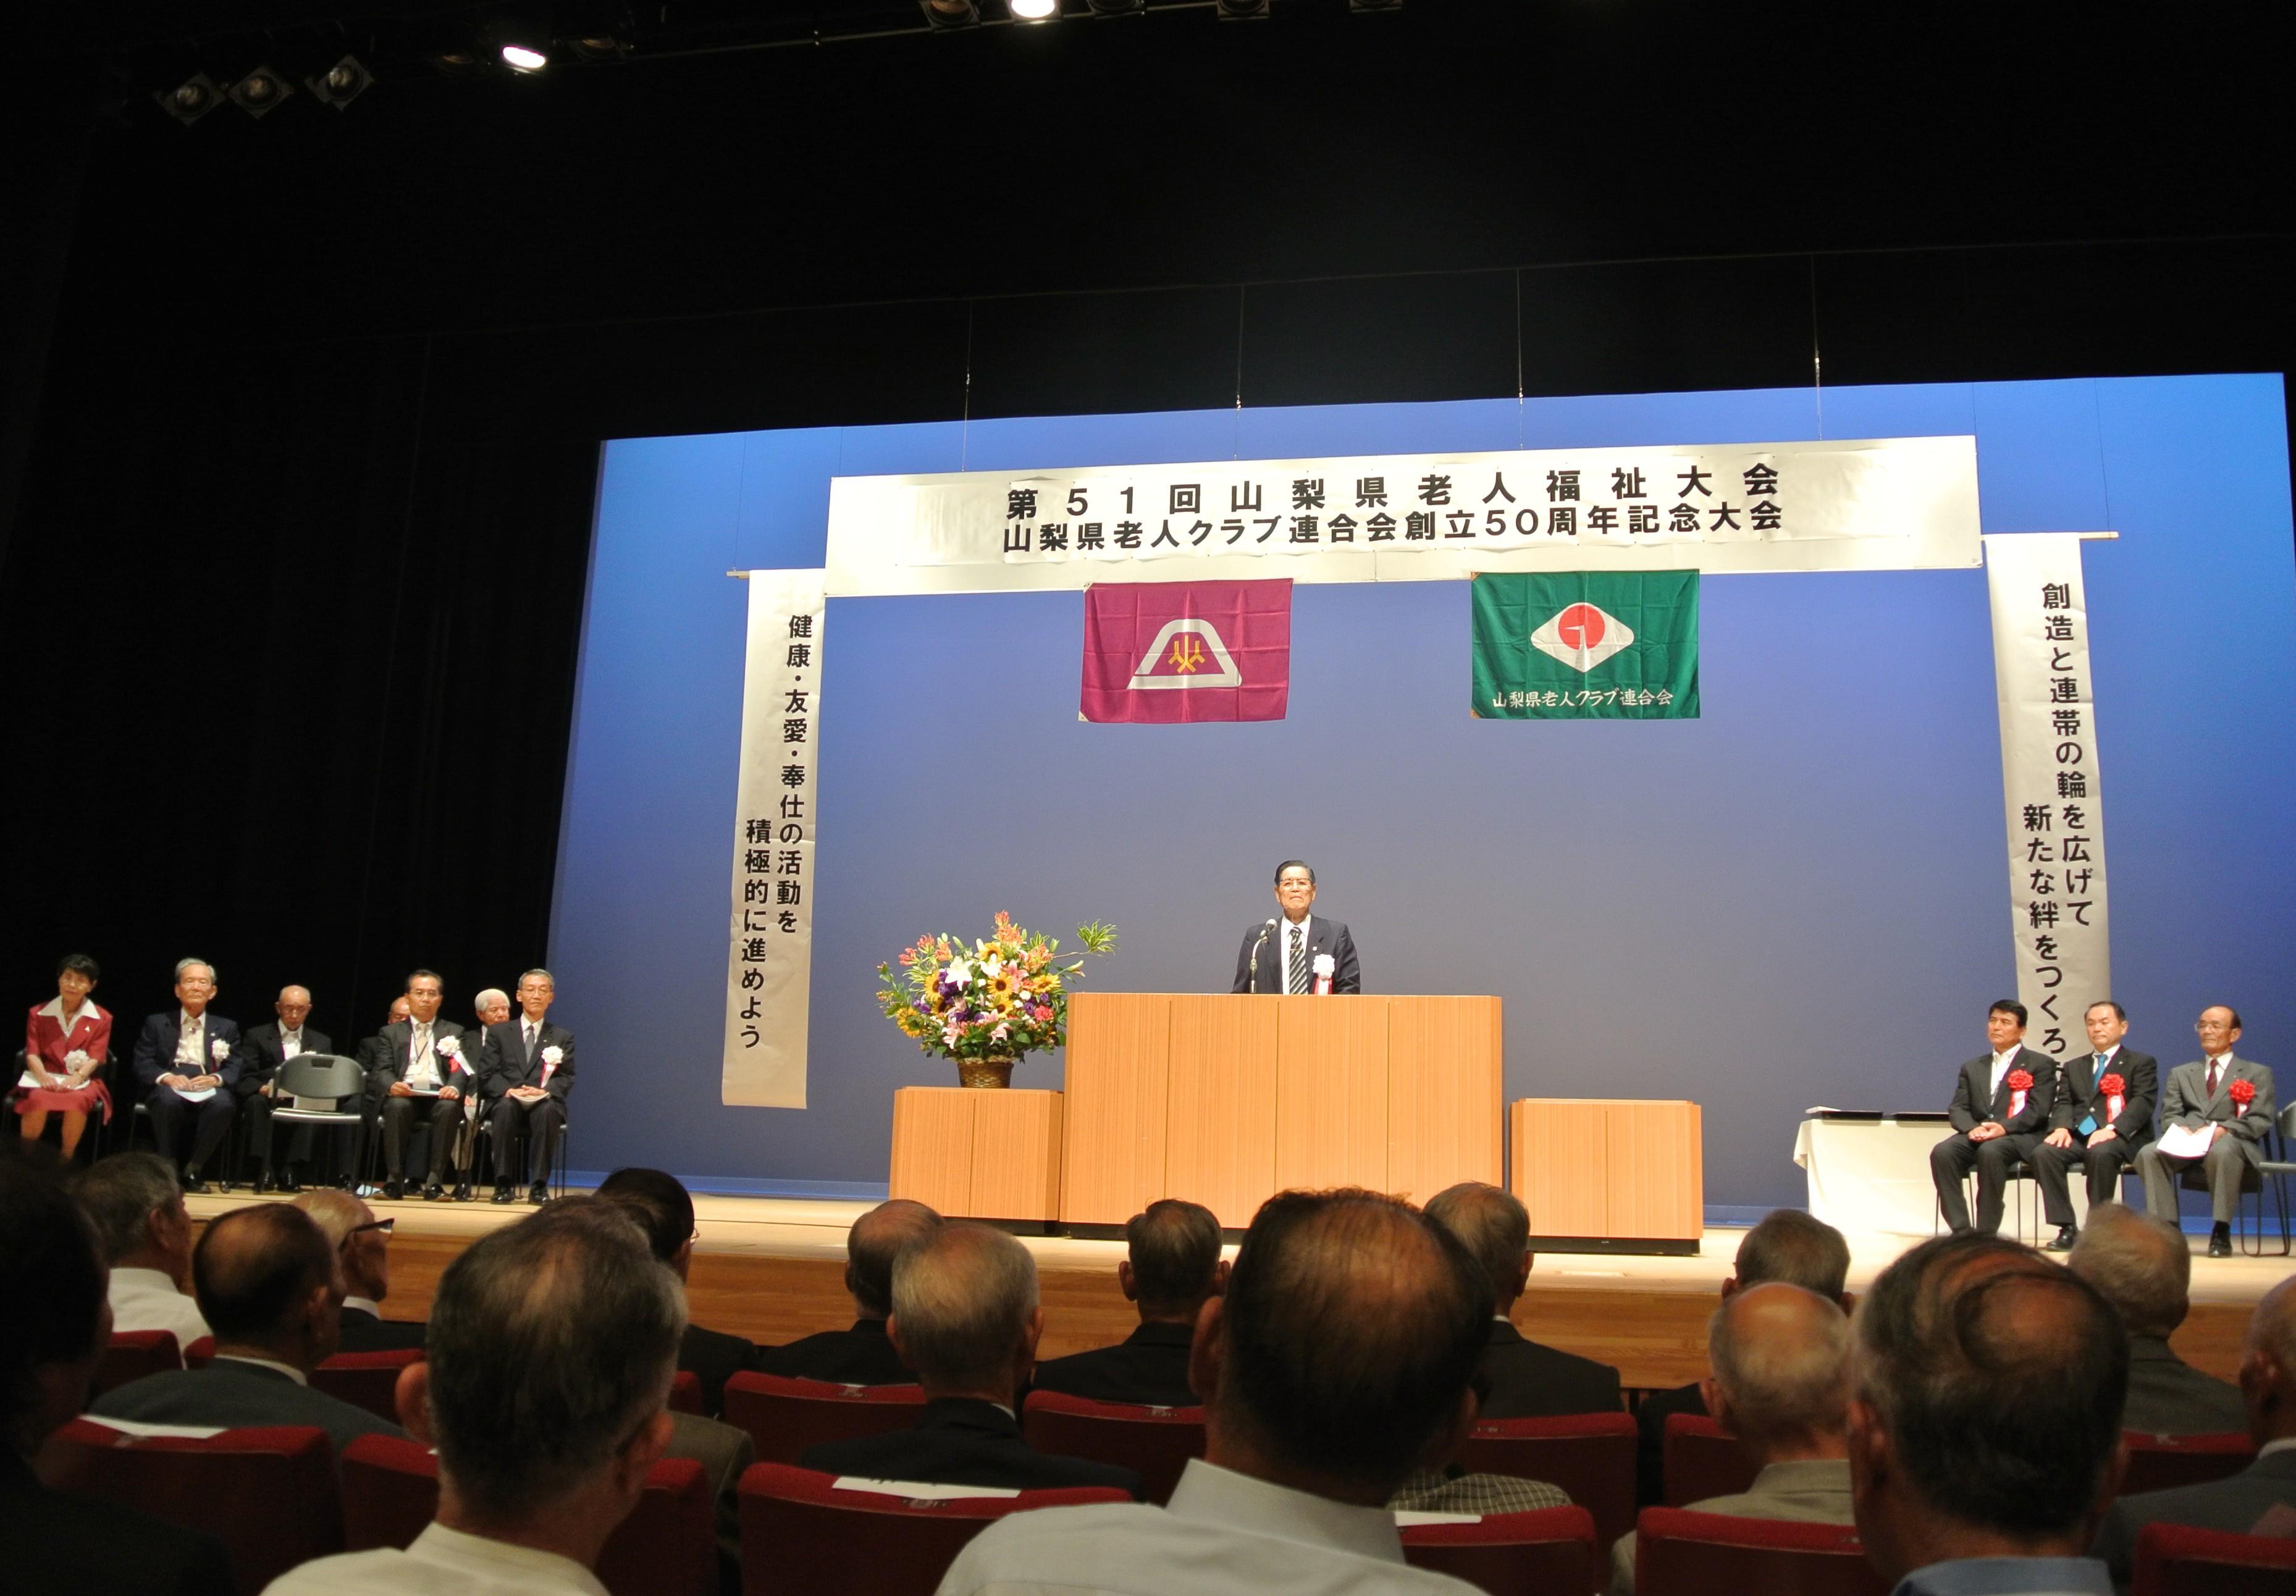 県老連50周年記念大会